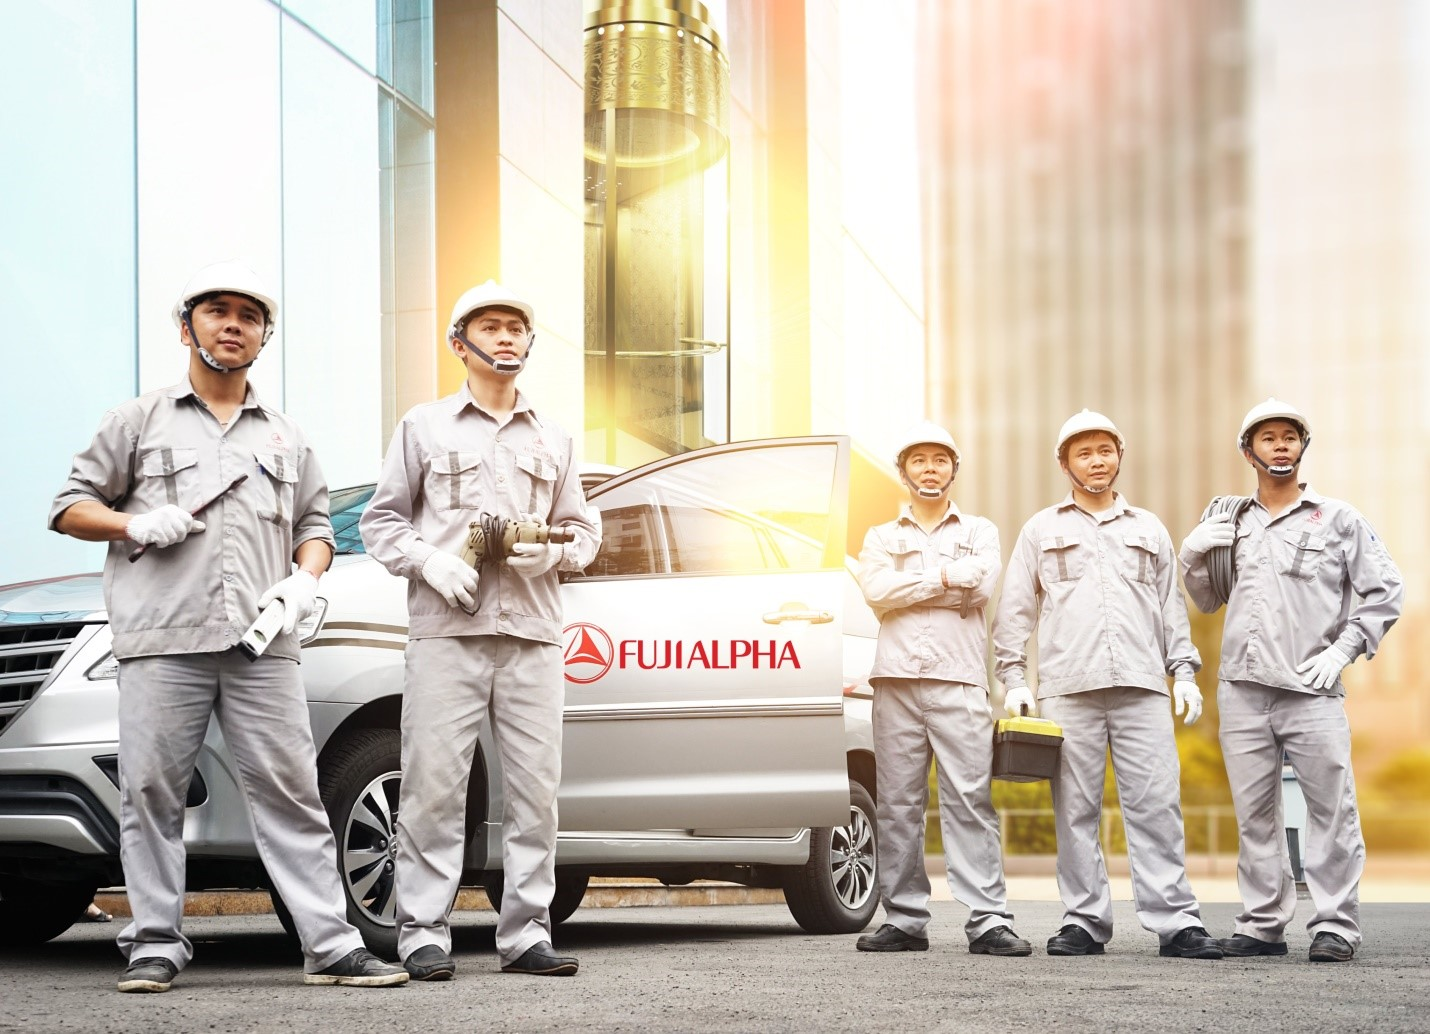 FUJIALPHA là công ty thang máy có chất lượng dịch vụ bảo trì tốt nhất trên thị trường